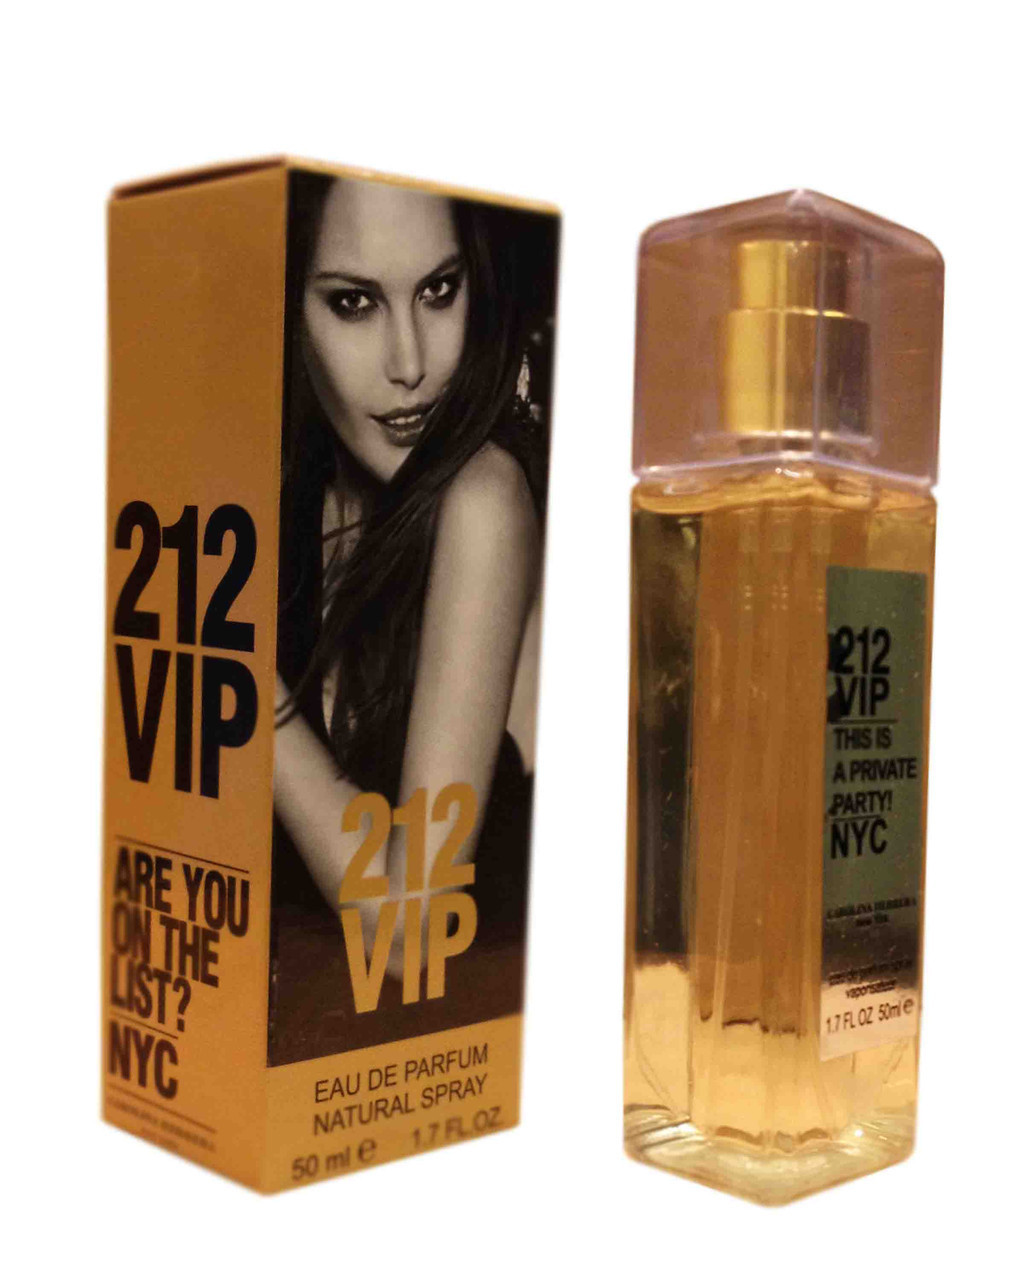 Женская парфюмированная вода Carolina Herrera 212 VIP edp - Crystal Tube 50ml реплика